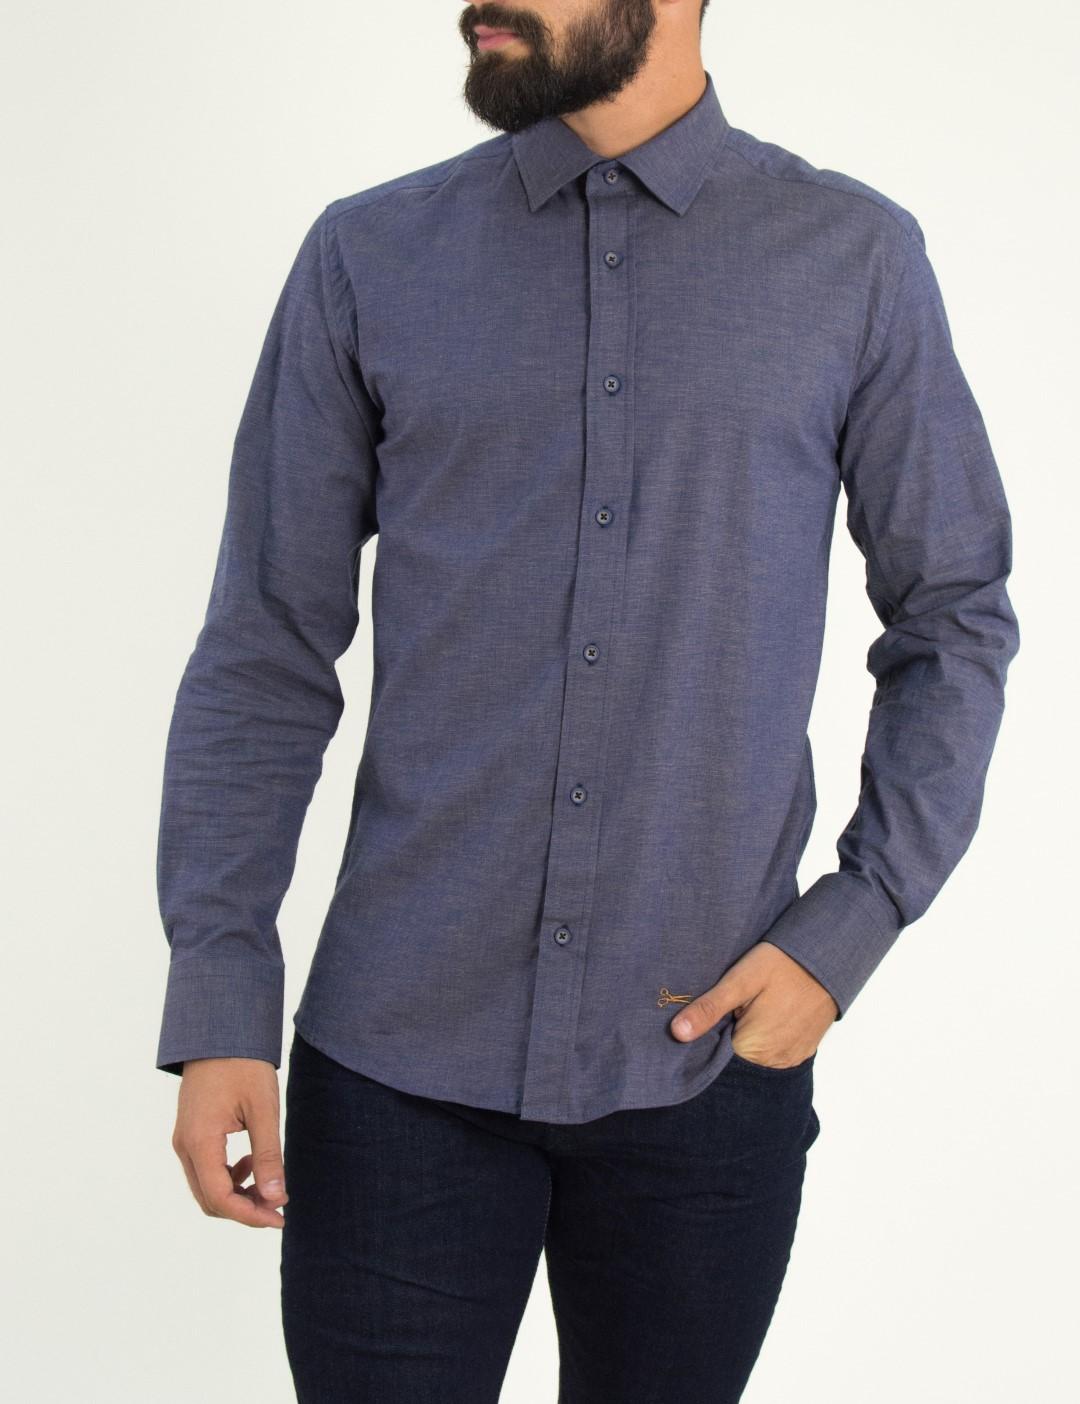 Ανδρικό μπλε πουκάμισο με ταμπά διχρωμία Ben Tailor 0088 70718e8865d